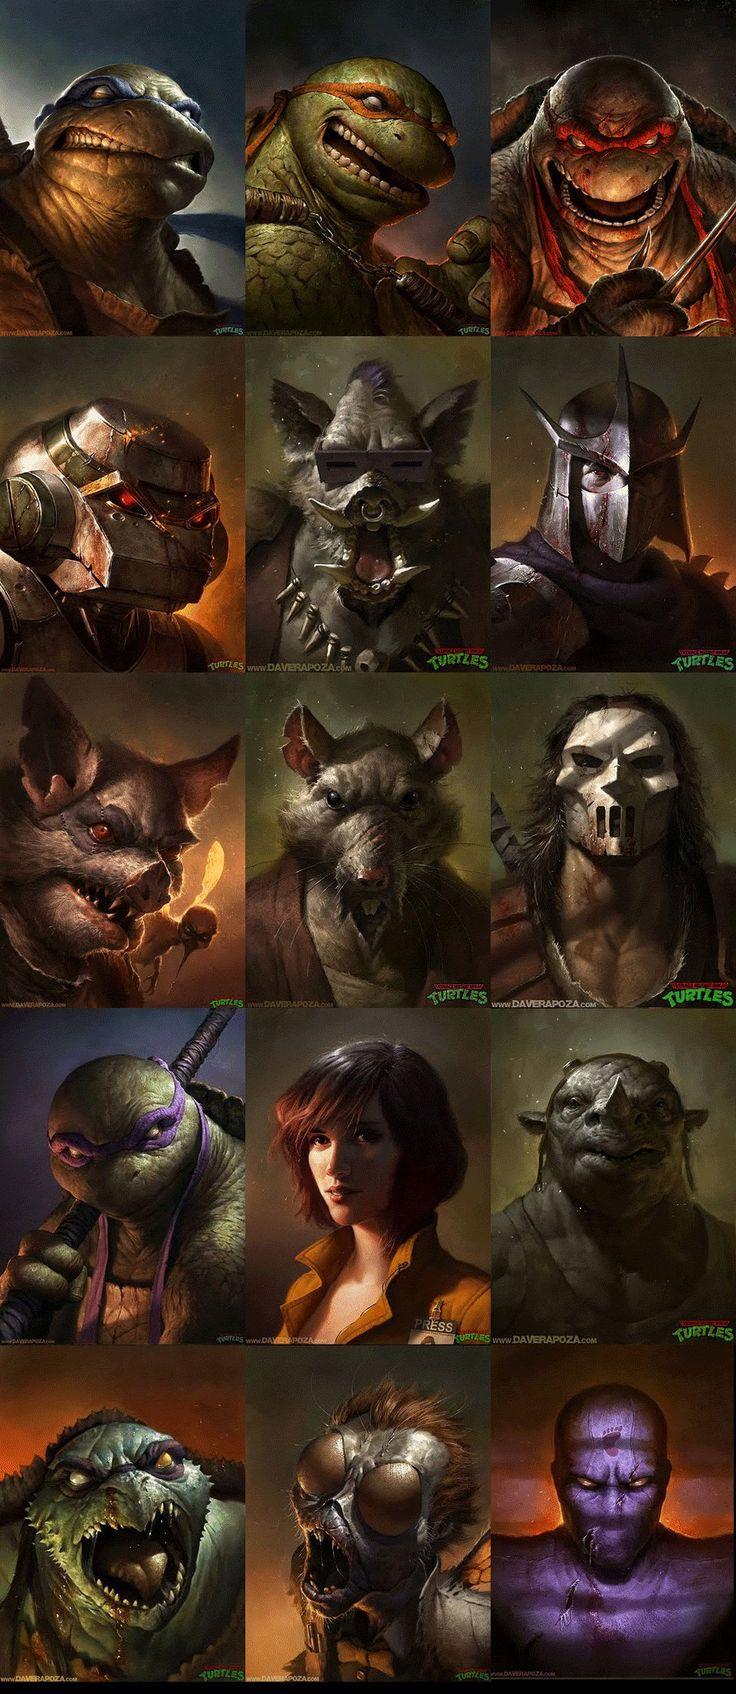 10 personnages de dessins animés qui prennent vie! Celui des Tortues Ninja est si réaliste!